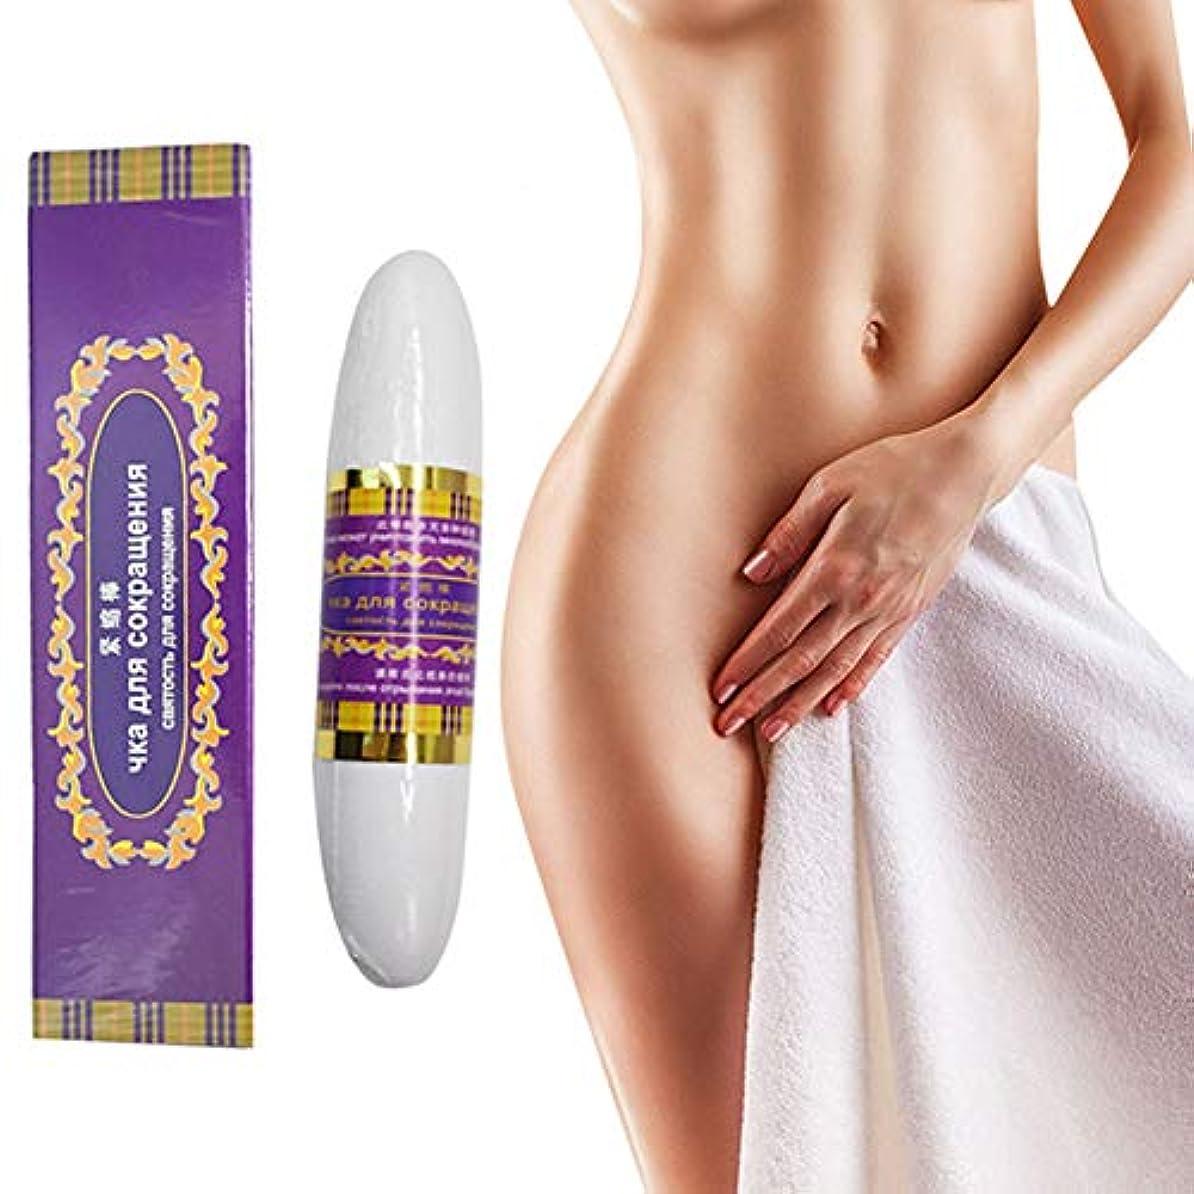 担当者責任ヘルパーBalai 収縮棒女性の自然なハーブの膣収縮の大人プロダクト私用部品の保湿の収縮の棒